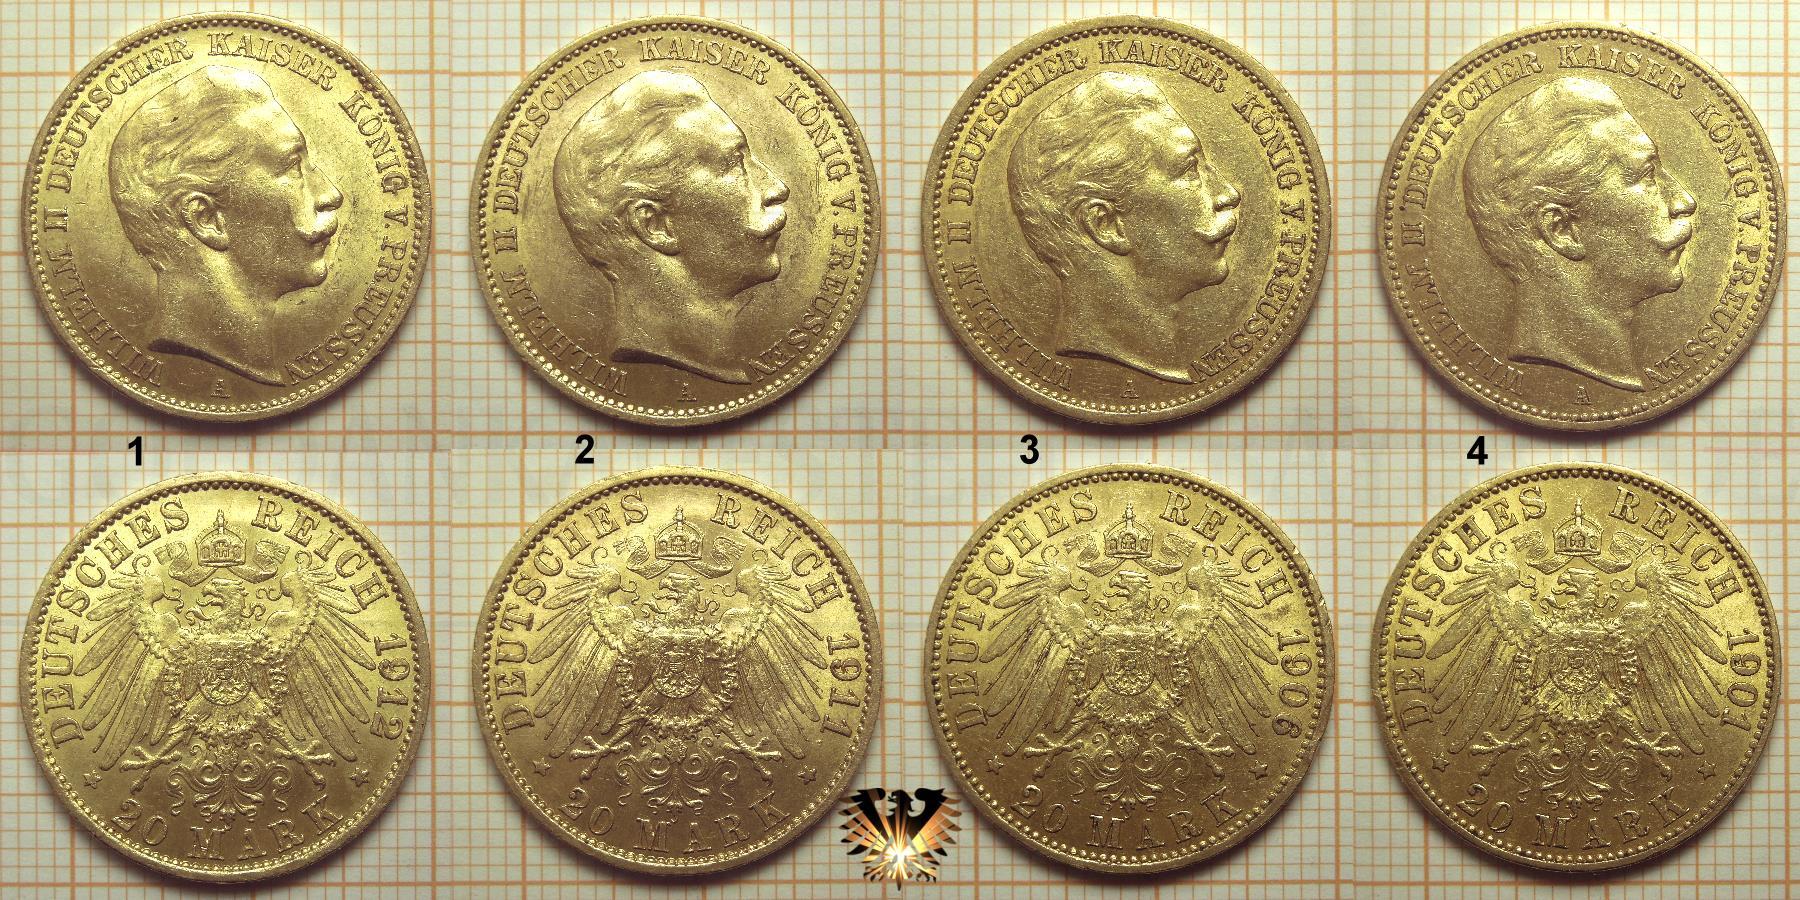 Vorder- und Rückseite von Kaiserreich Goldmünzen zur Ermittlung der Echtheit.